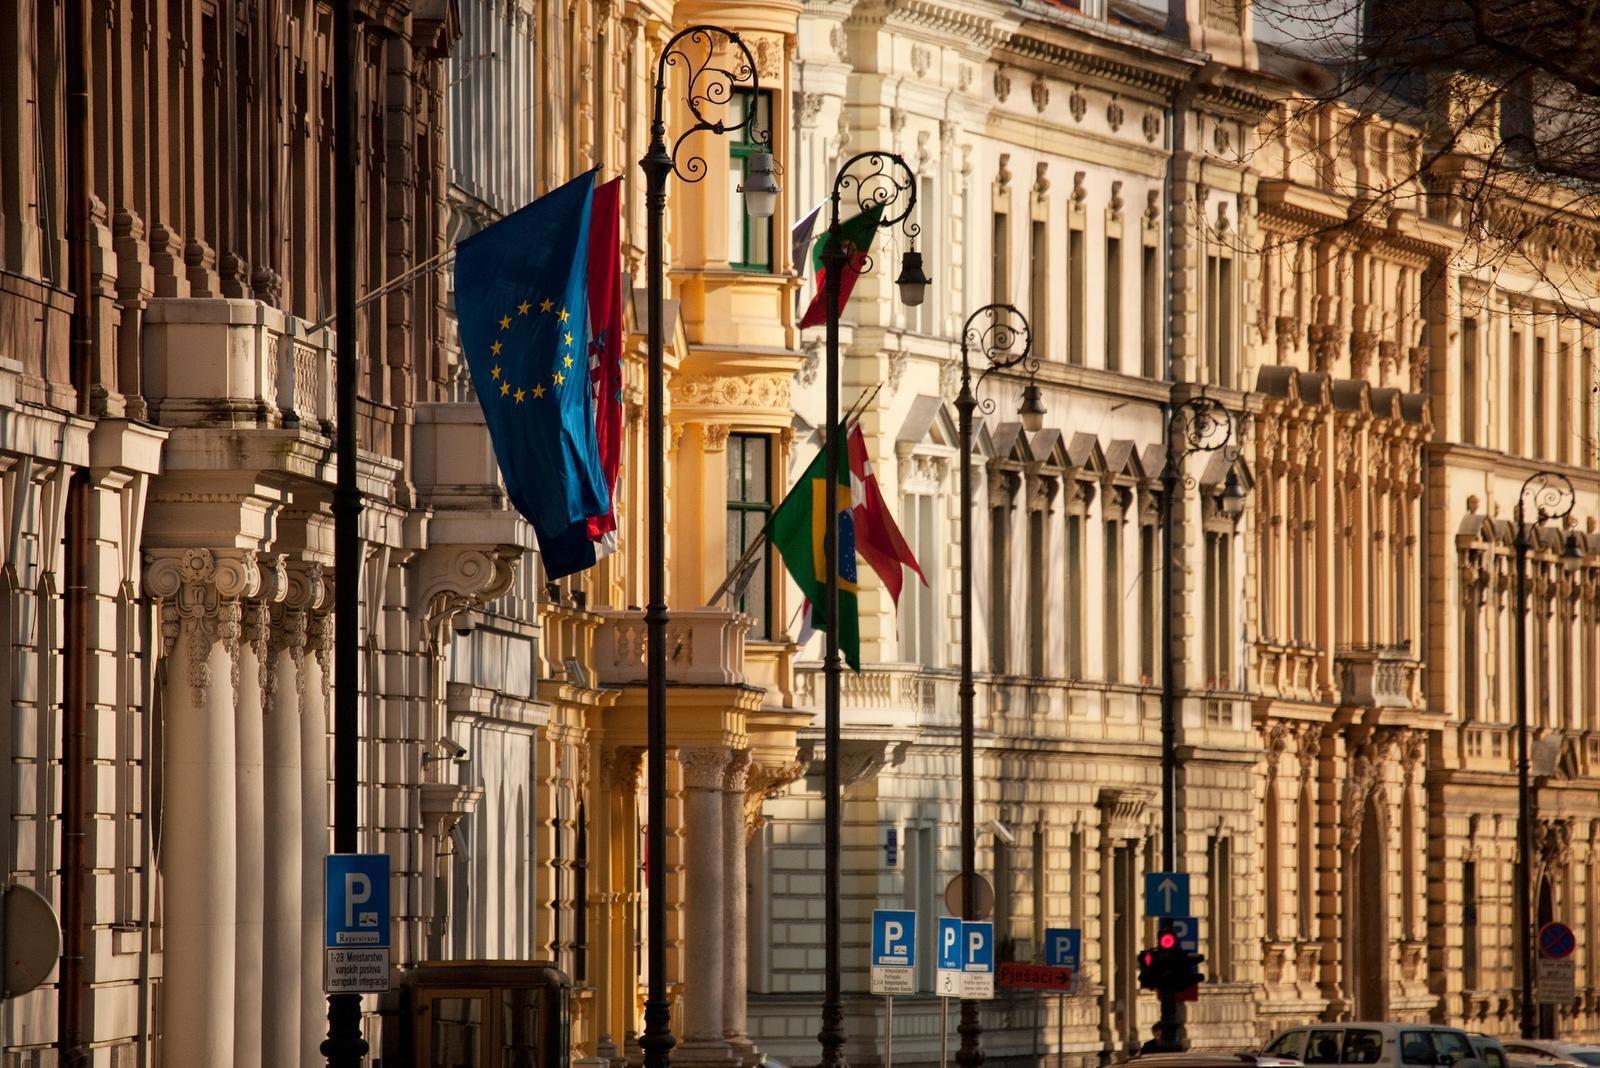 Nikola Šubić Zrinski Square in ZagrebPHOTO: ZAGREB TOURIST BOARD, M. VRDOLJAK